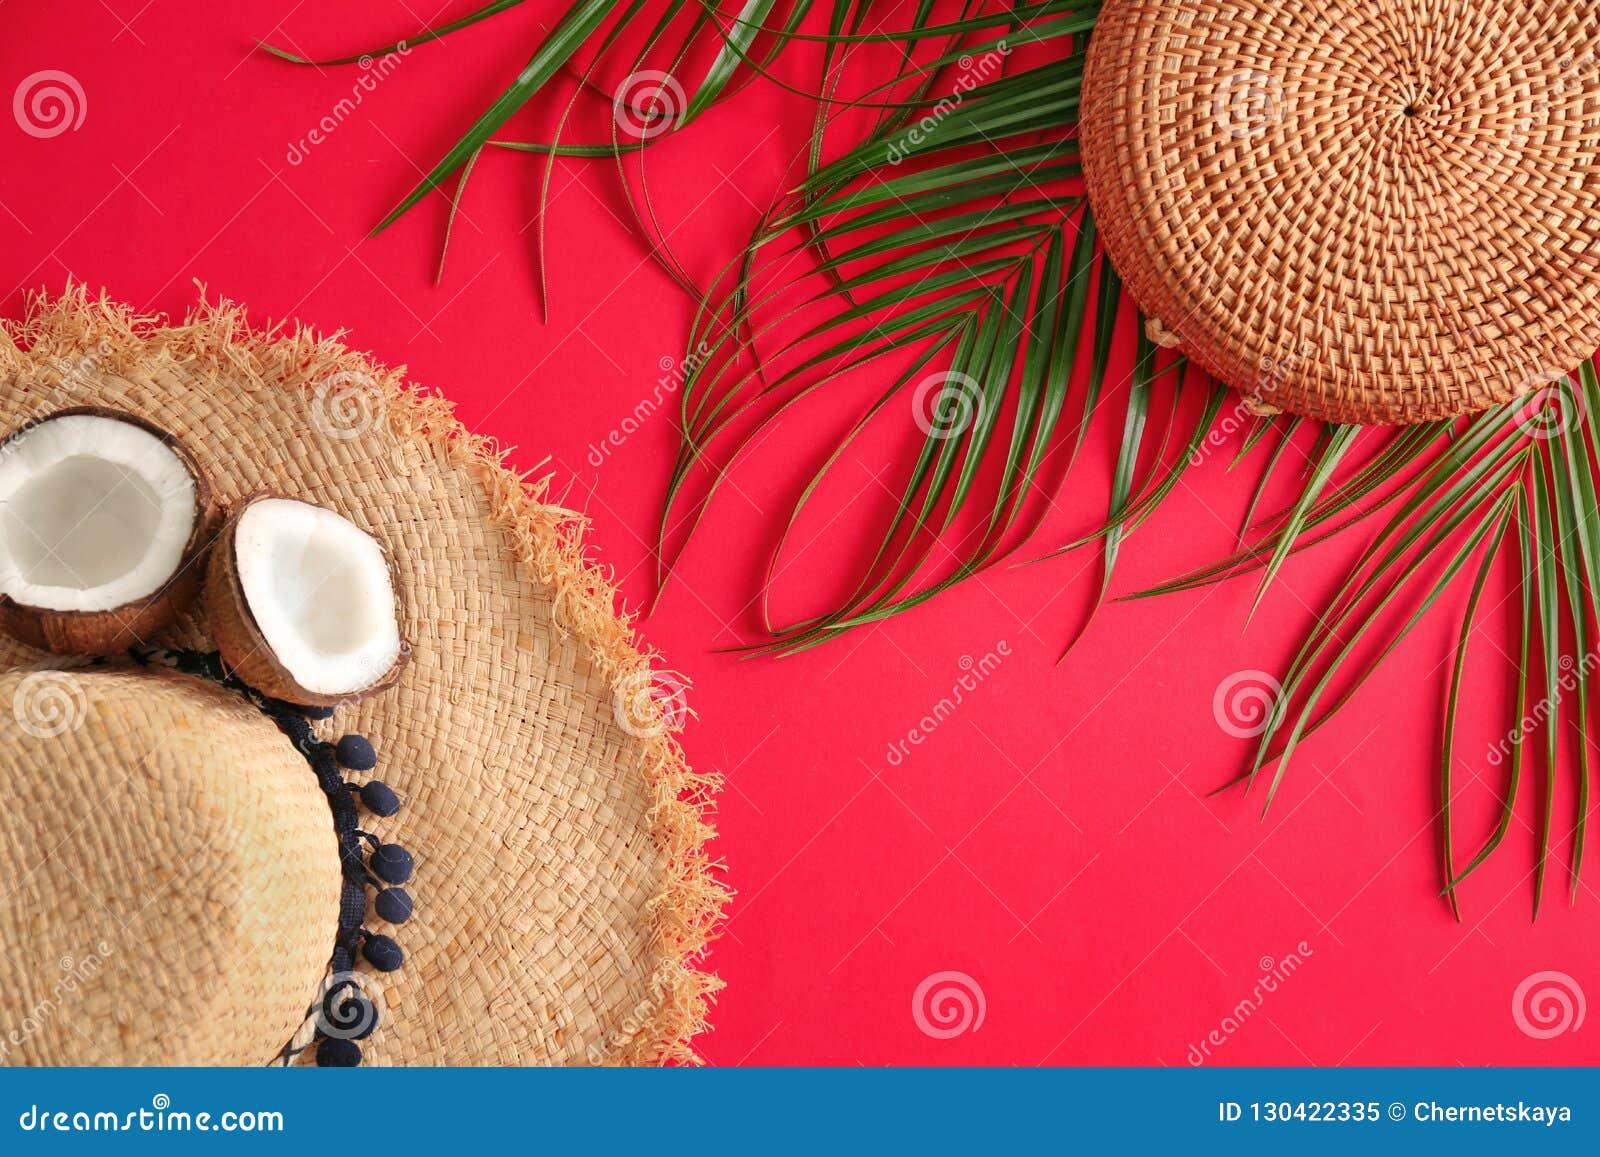 Επίπεδος βάλτε τη σύνθεση με την τσάντα μπαμπού και το καπέλο αχύρου